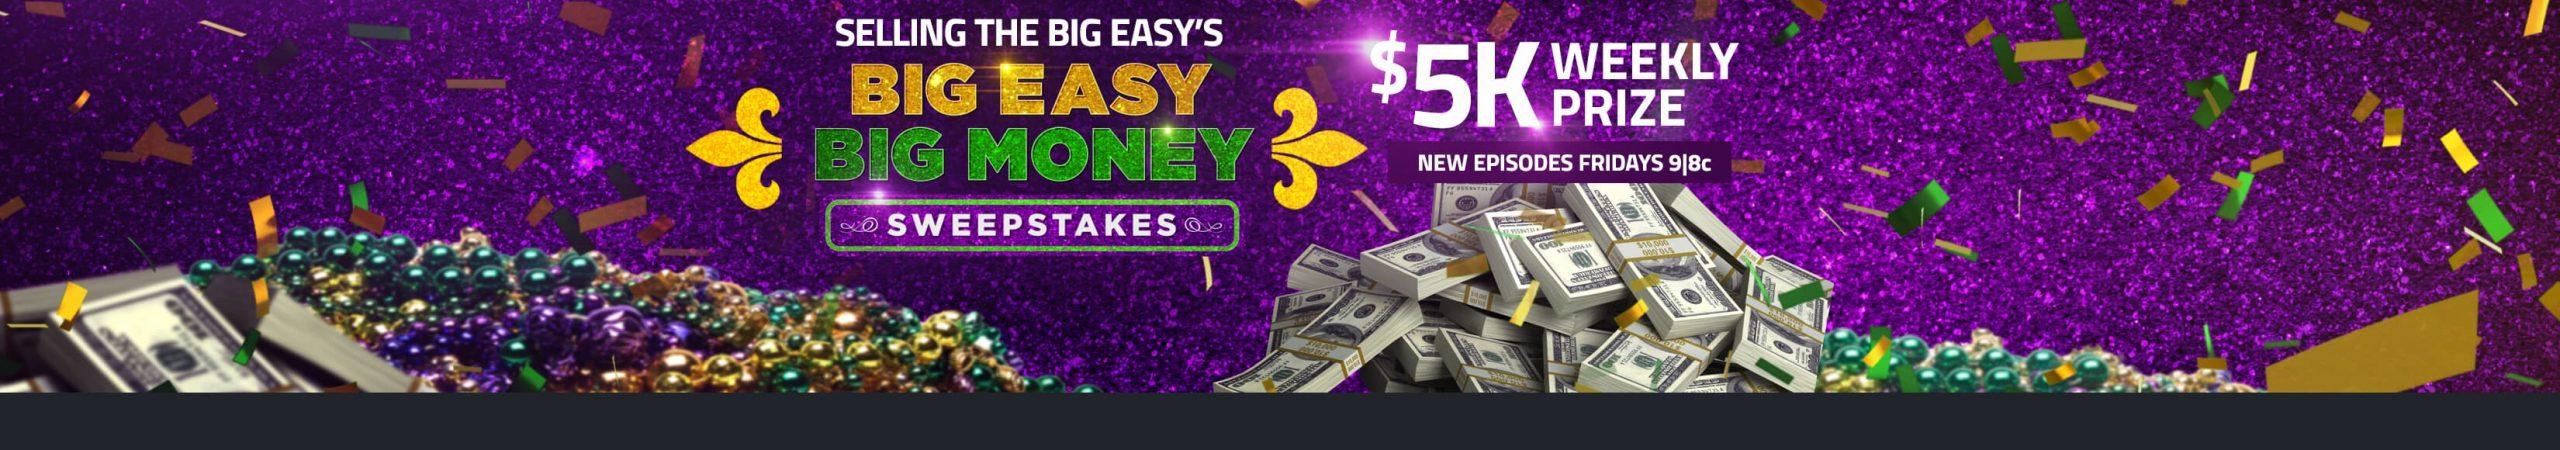 HGTV Big Easy Big Money Sweepstakes 2020